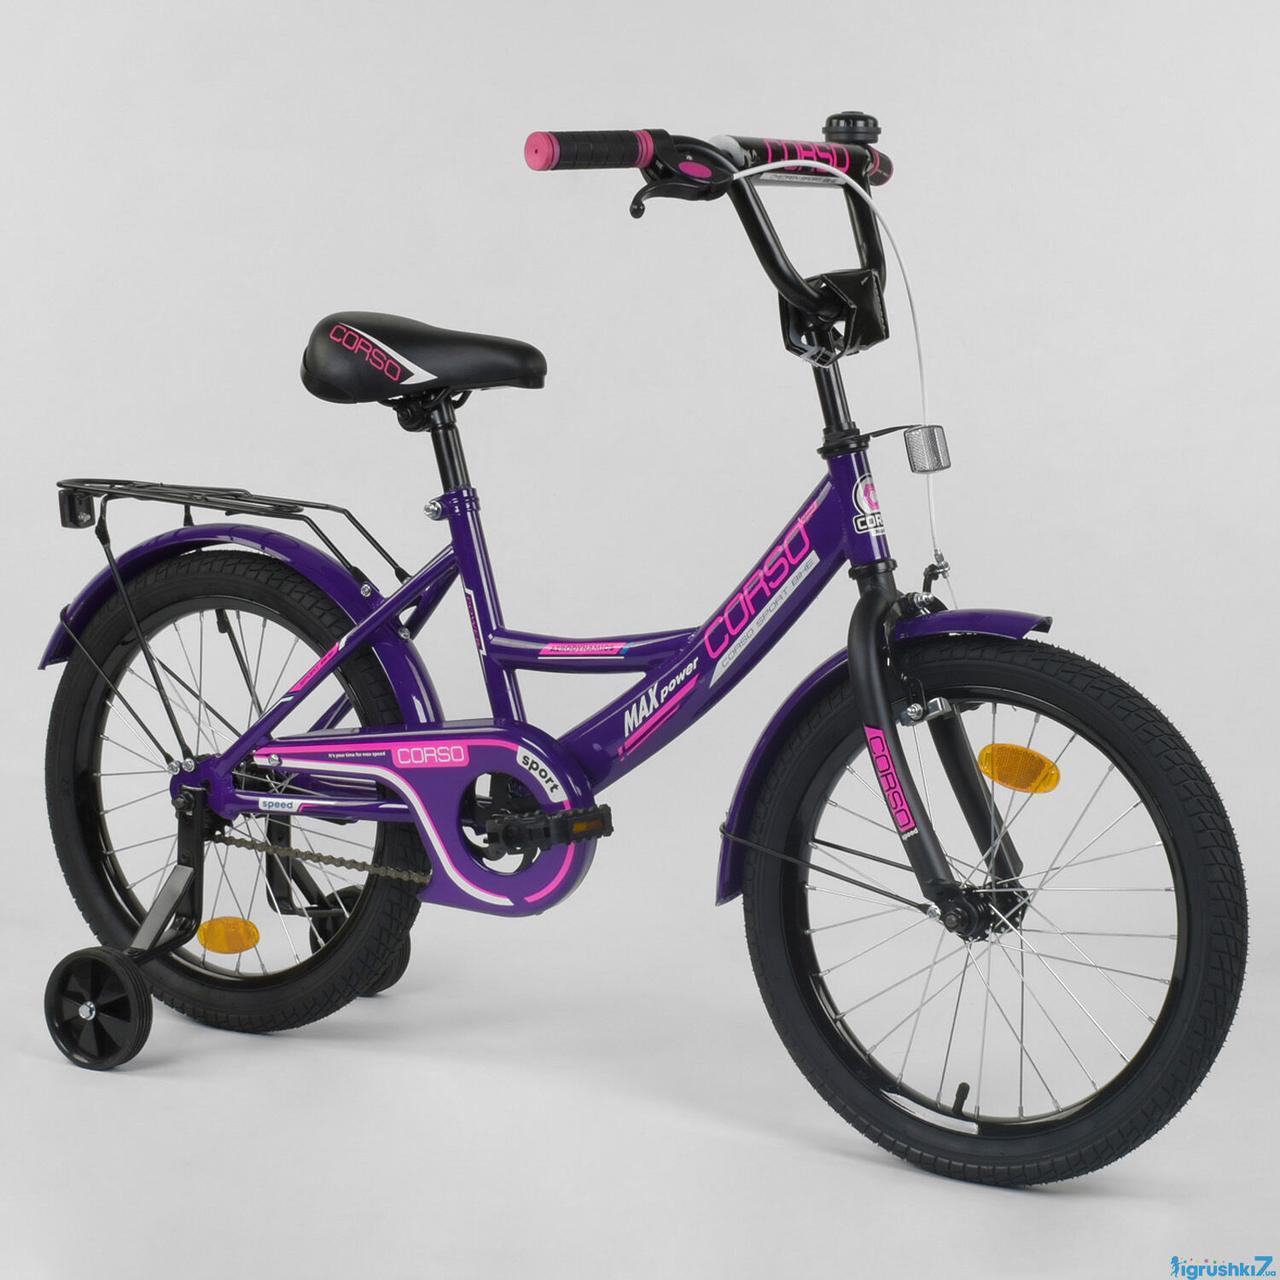 Детский двухколесный велосипед Corso колеса 18 дюймов CL-18 R 5020 фиолетовый